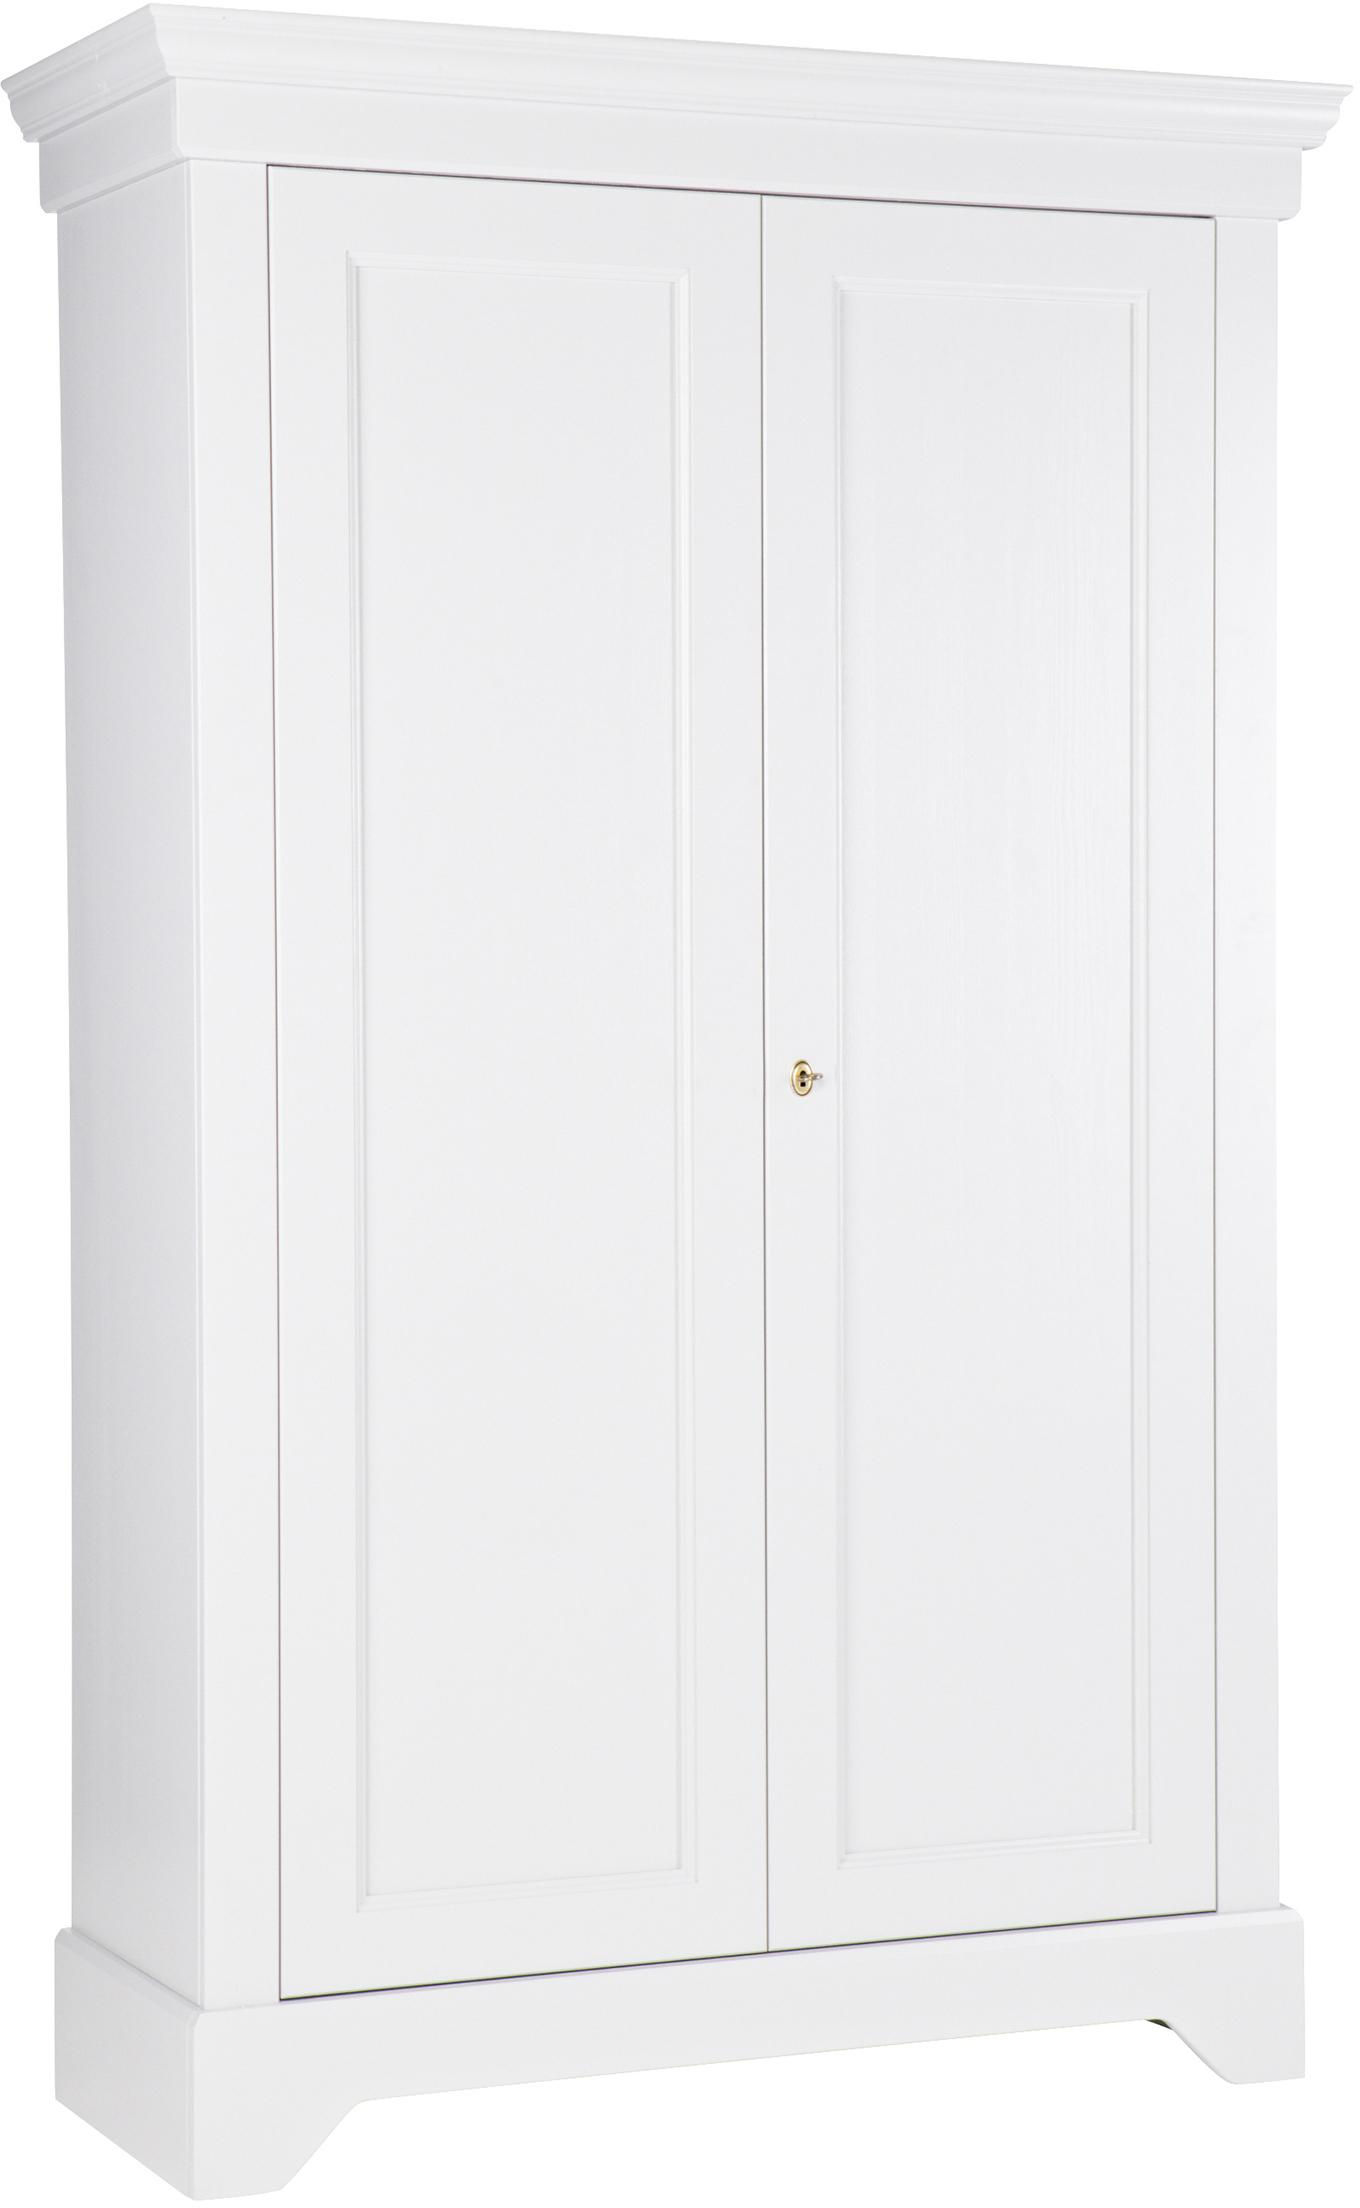 Szafa Isabel, Korpus: drewno sosnowe, lakierowa, Biały, S 118 x W 191 cm